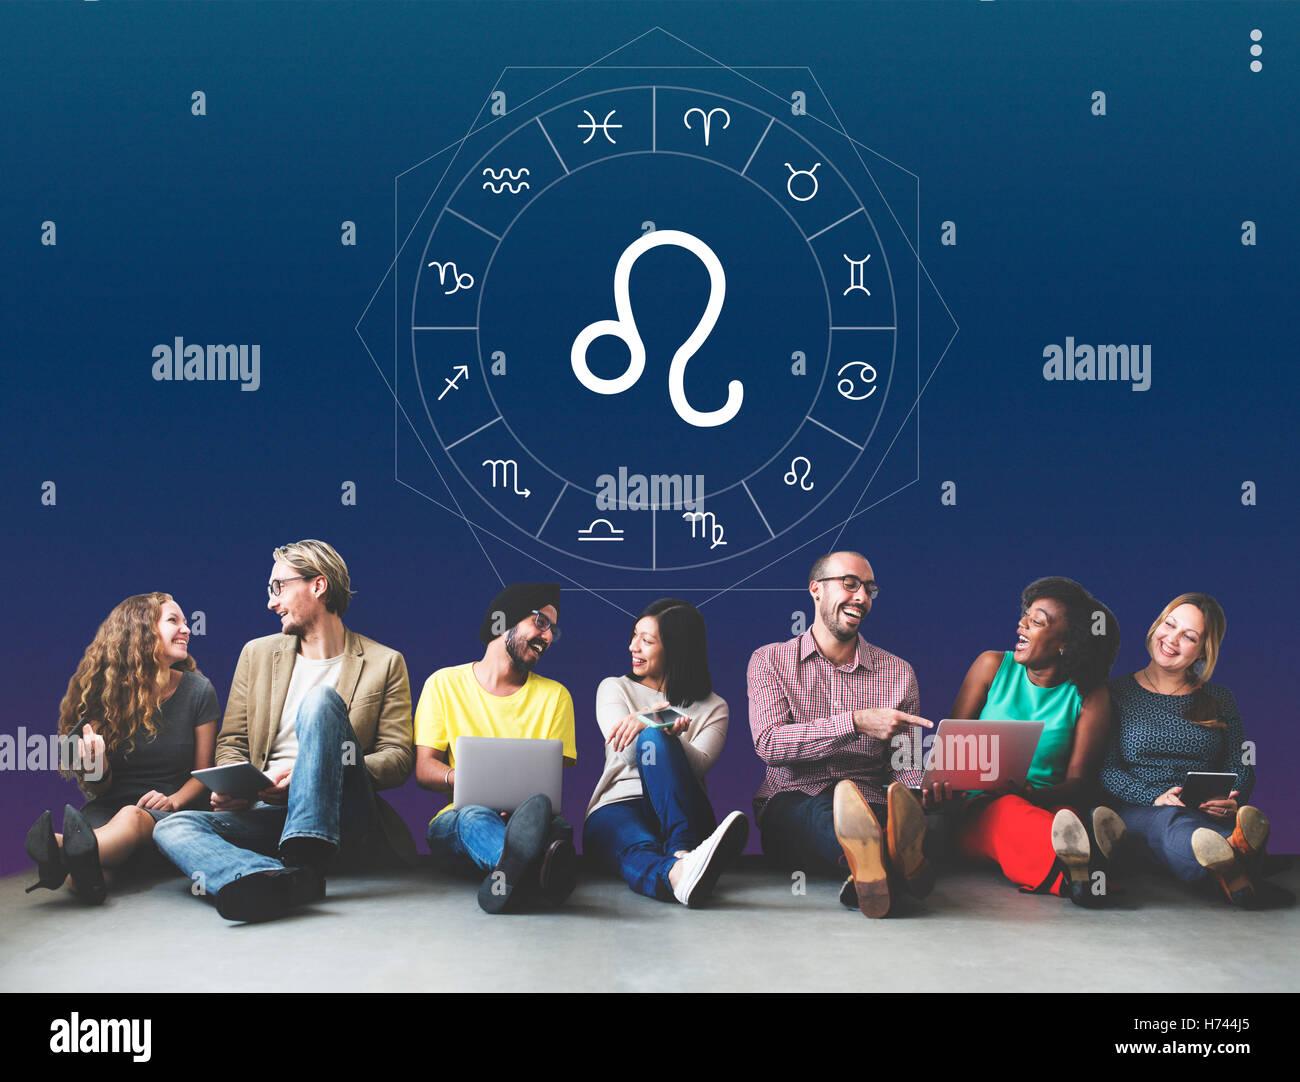 Leo Horoscope Zodiac Fortune Graphic Concept - Stock Image